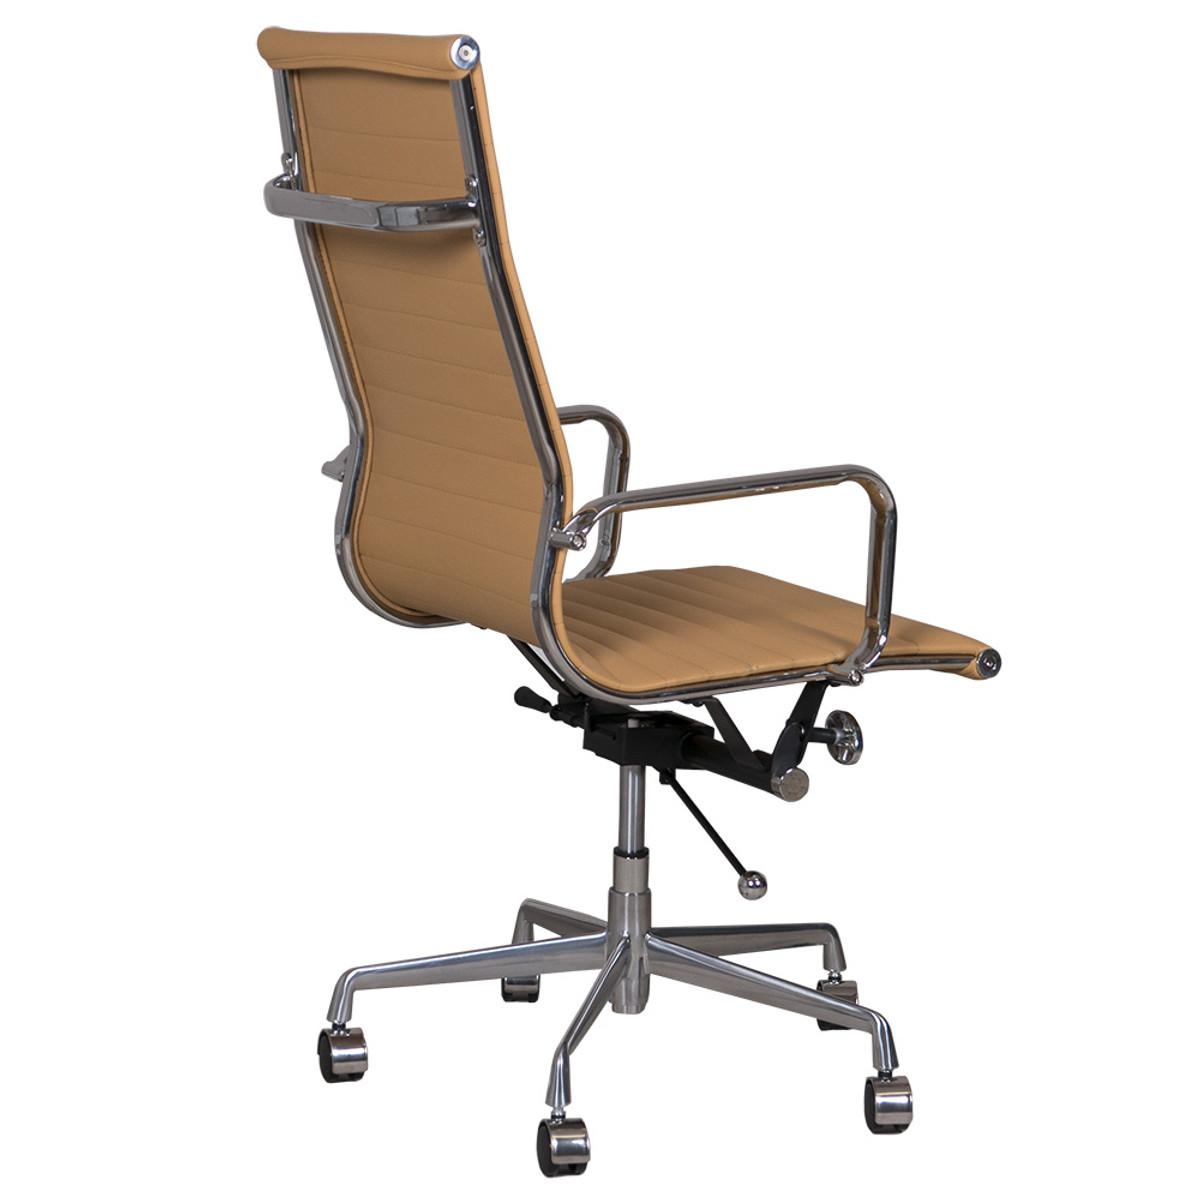 replica eames group standard aluminium chair cf. Ethan Standard Office Chair, Brown Replica Eames Group Aluminium Chair Cf